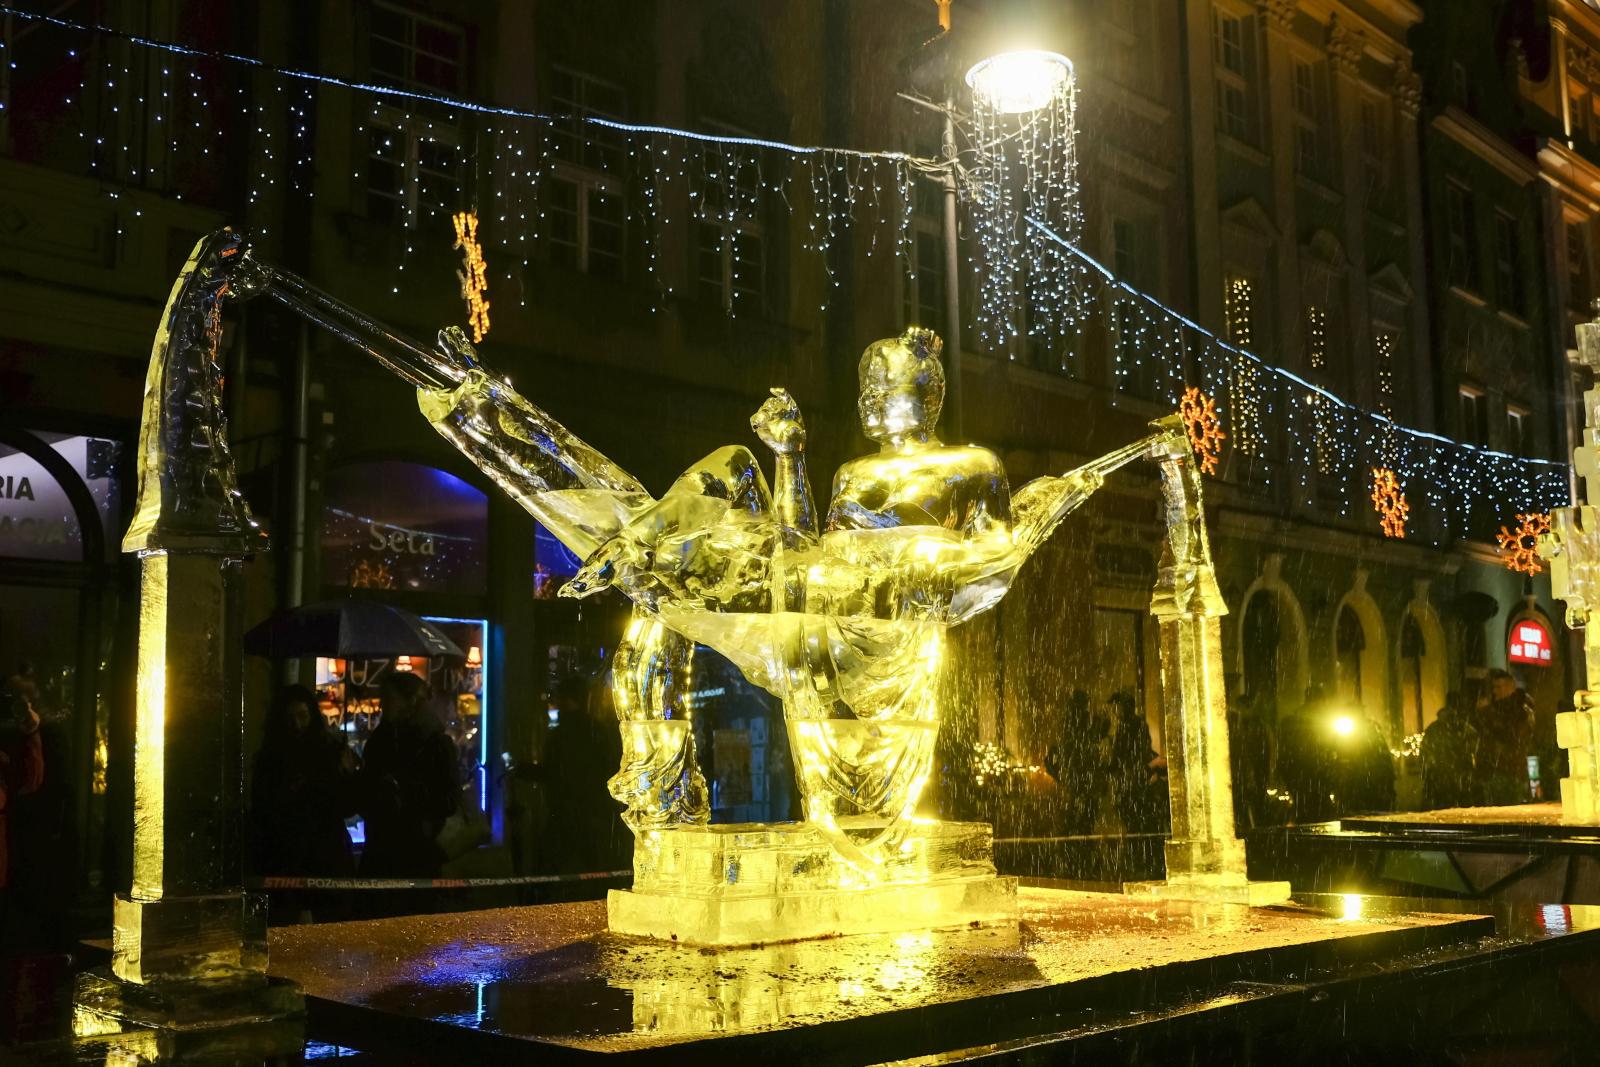 Jedna z rzeźb przygotowanych przez uczestników XI Międzynarodowego Festiwalu Rzeźb Lodowych, na Starym Rynku w Poznaniu.